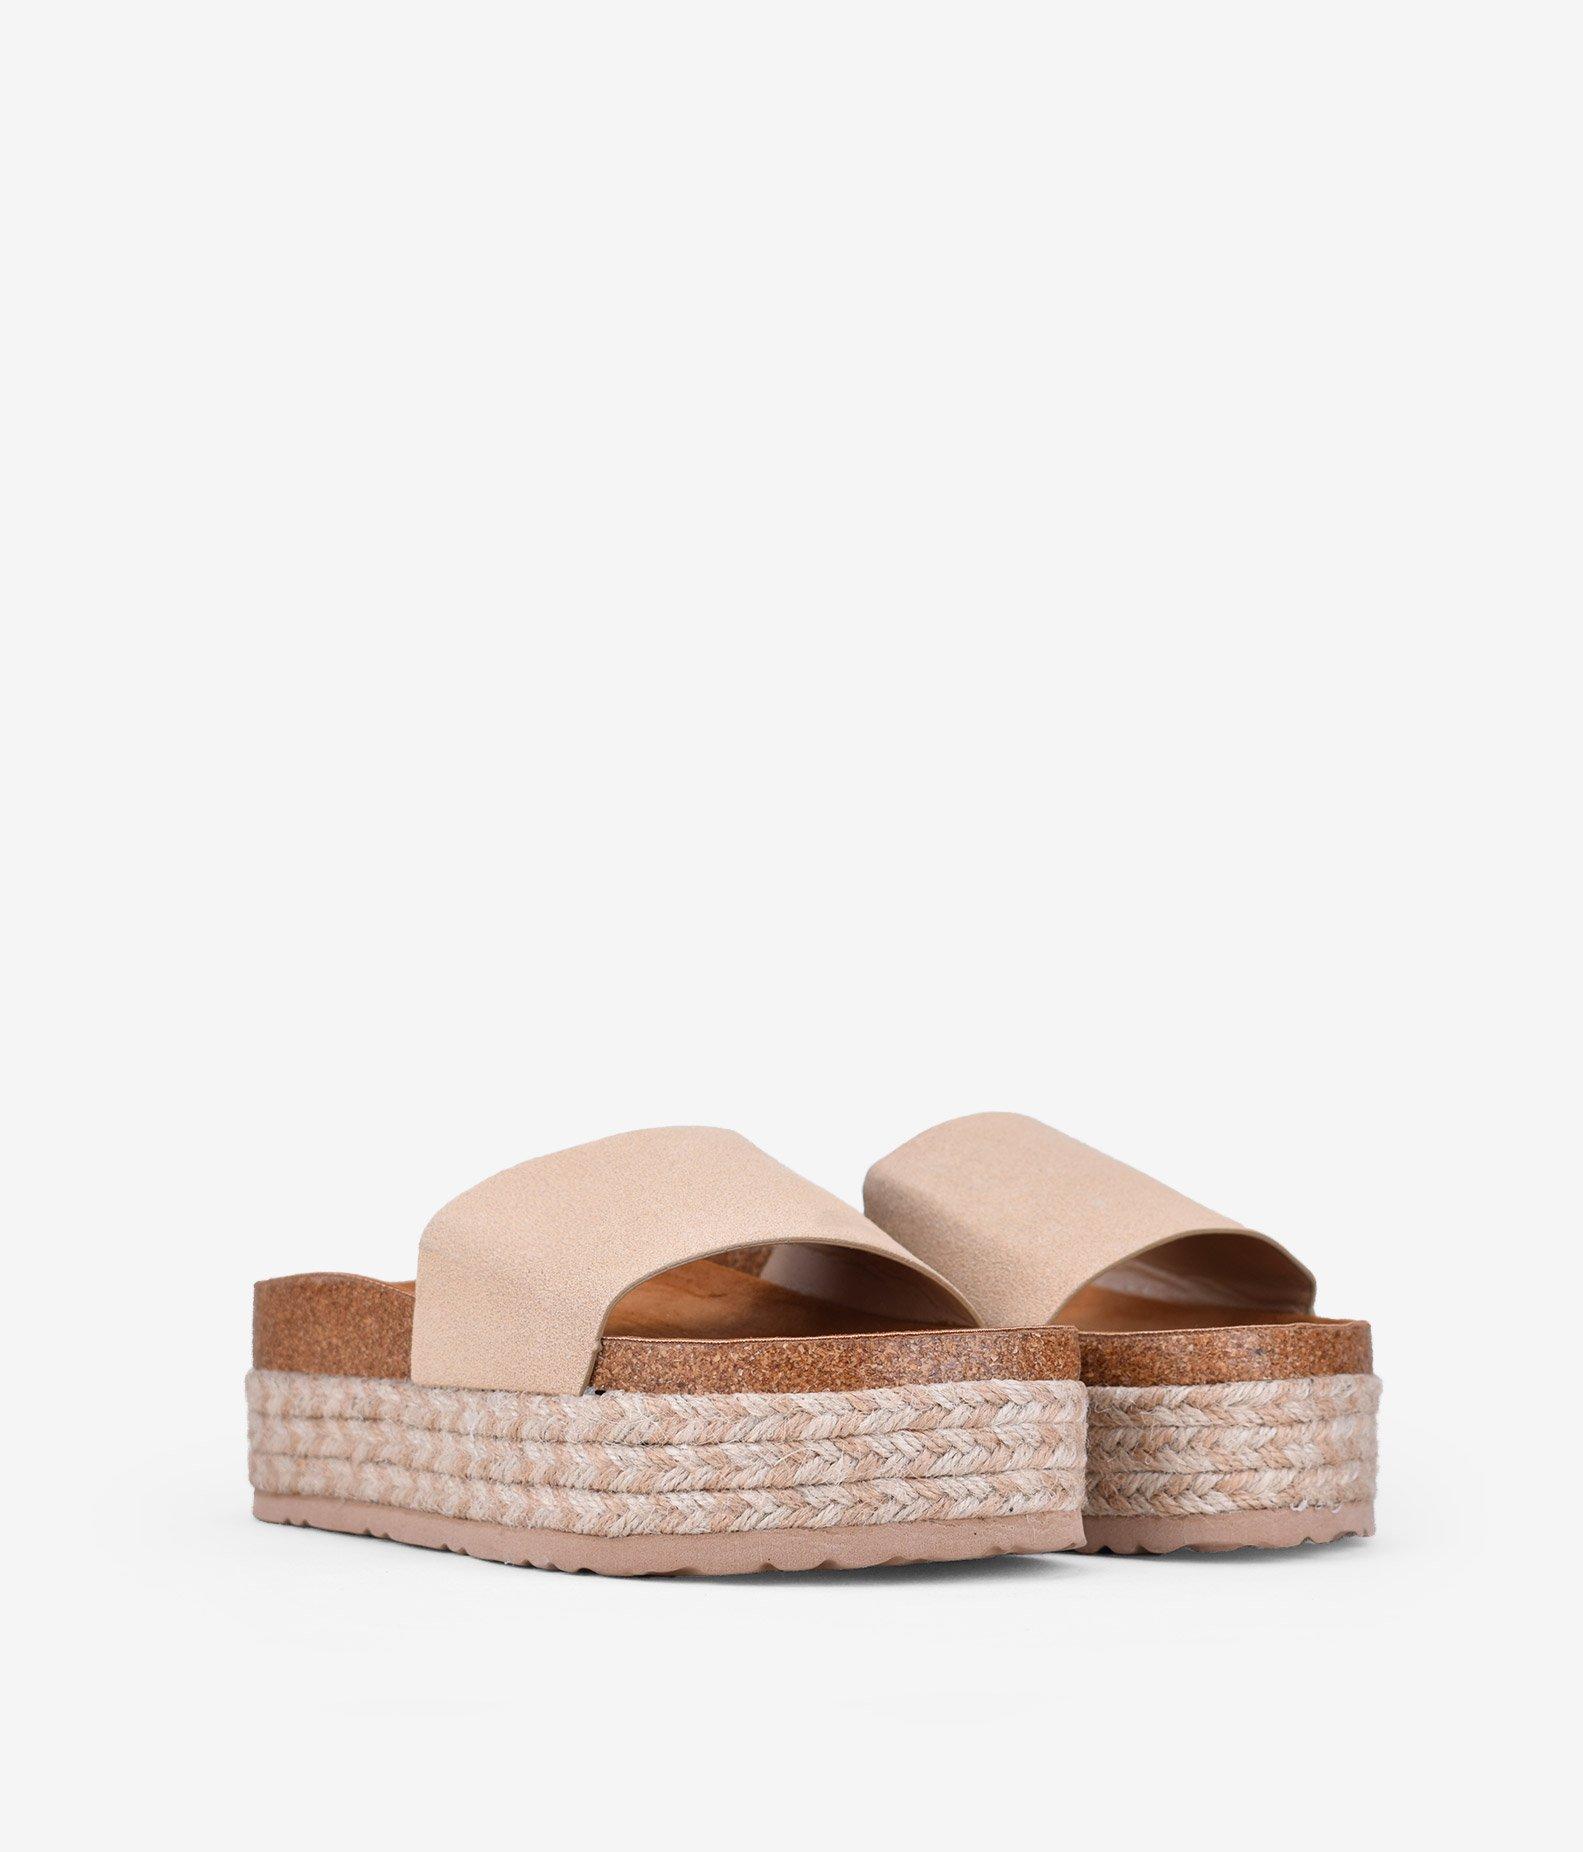 sandalia-plataforma-plana-esparto